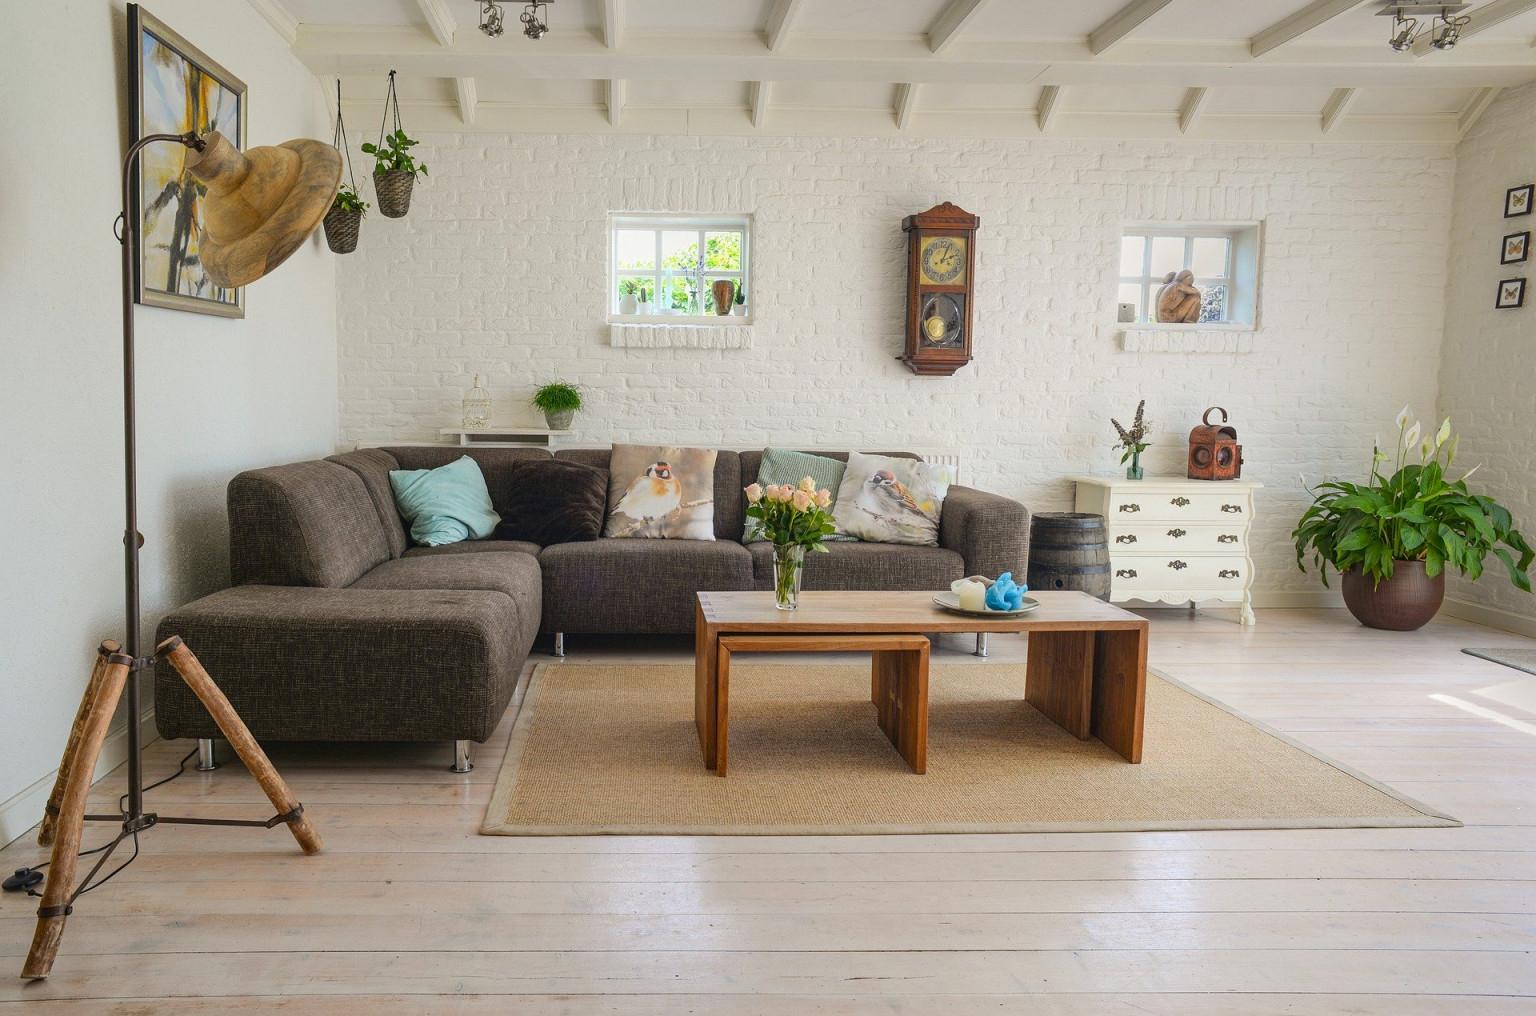 Tolle Dekoideen Für Das Heimische Wohnzimmer  Immostar von Deko Idee Wohnzimmer Photo